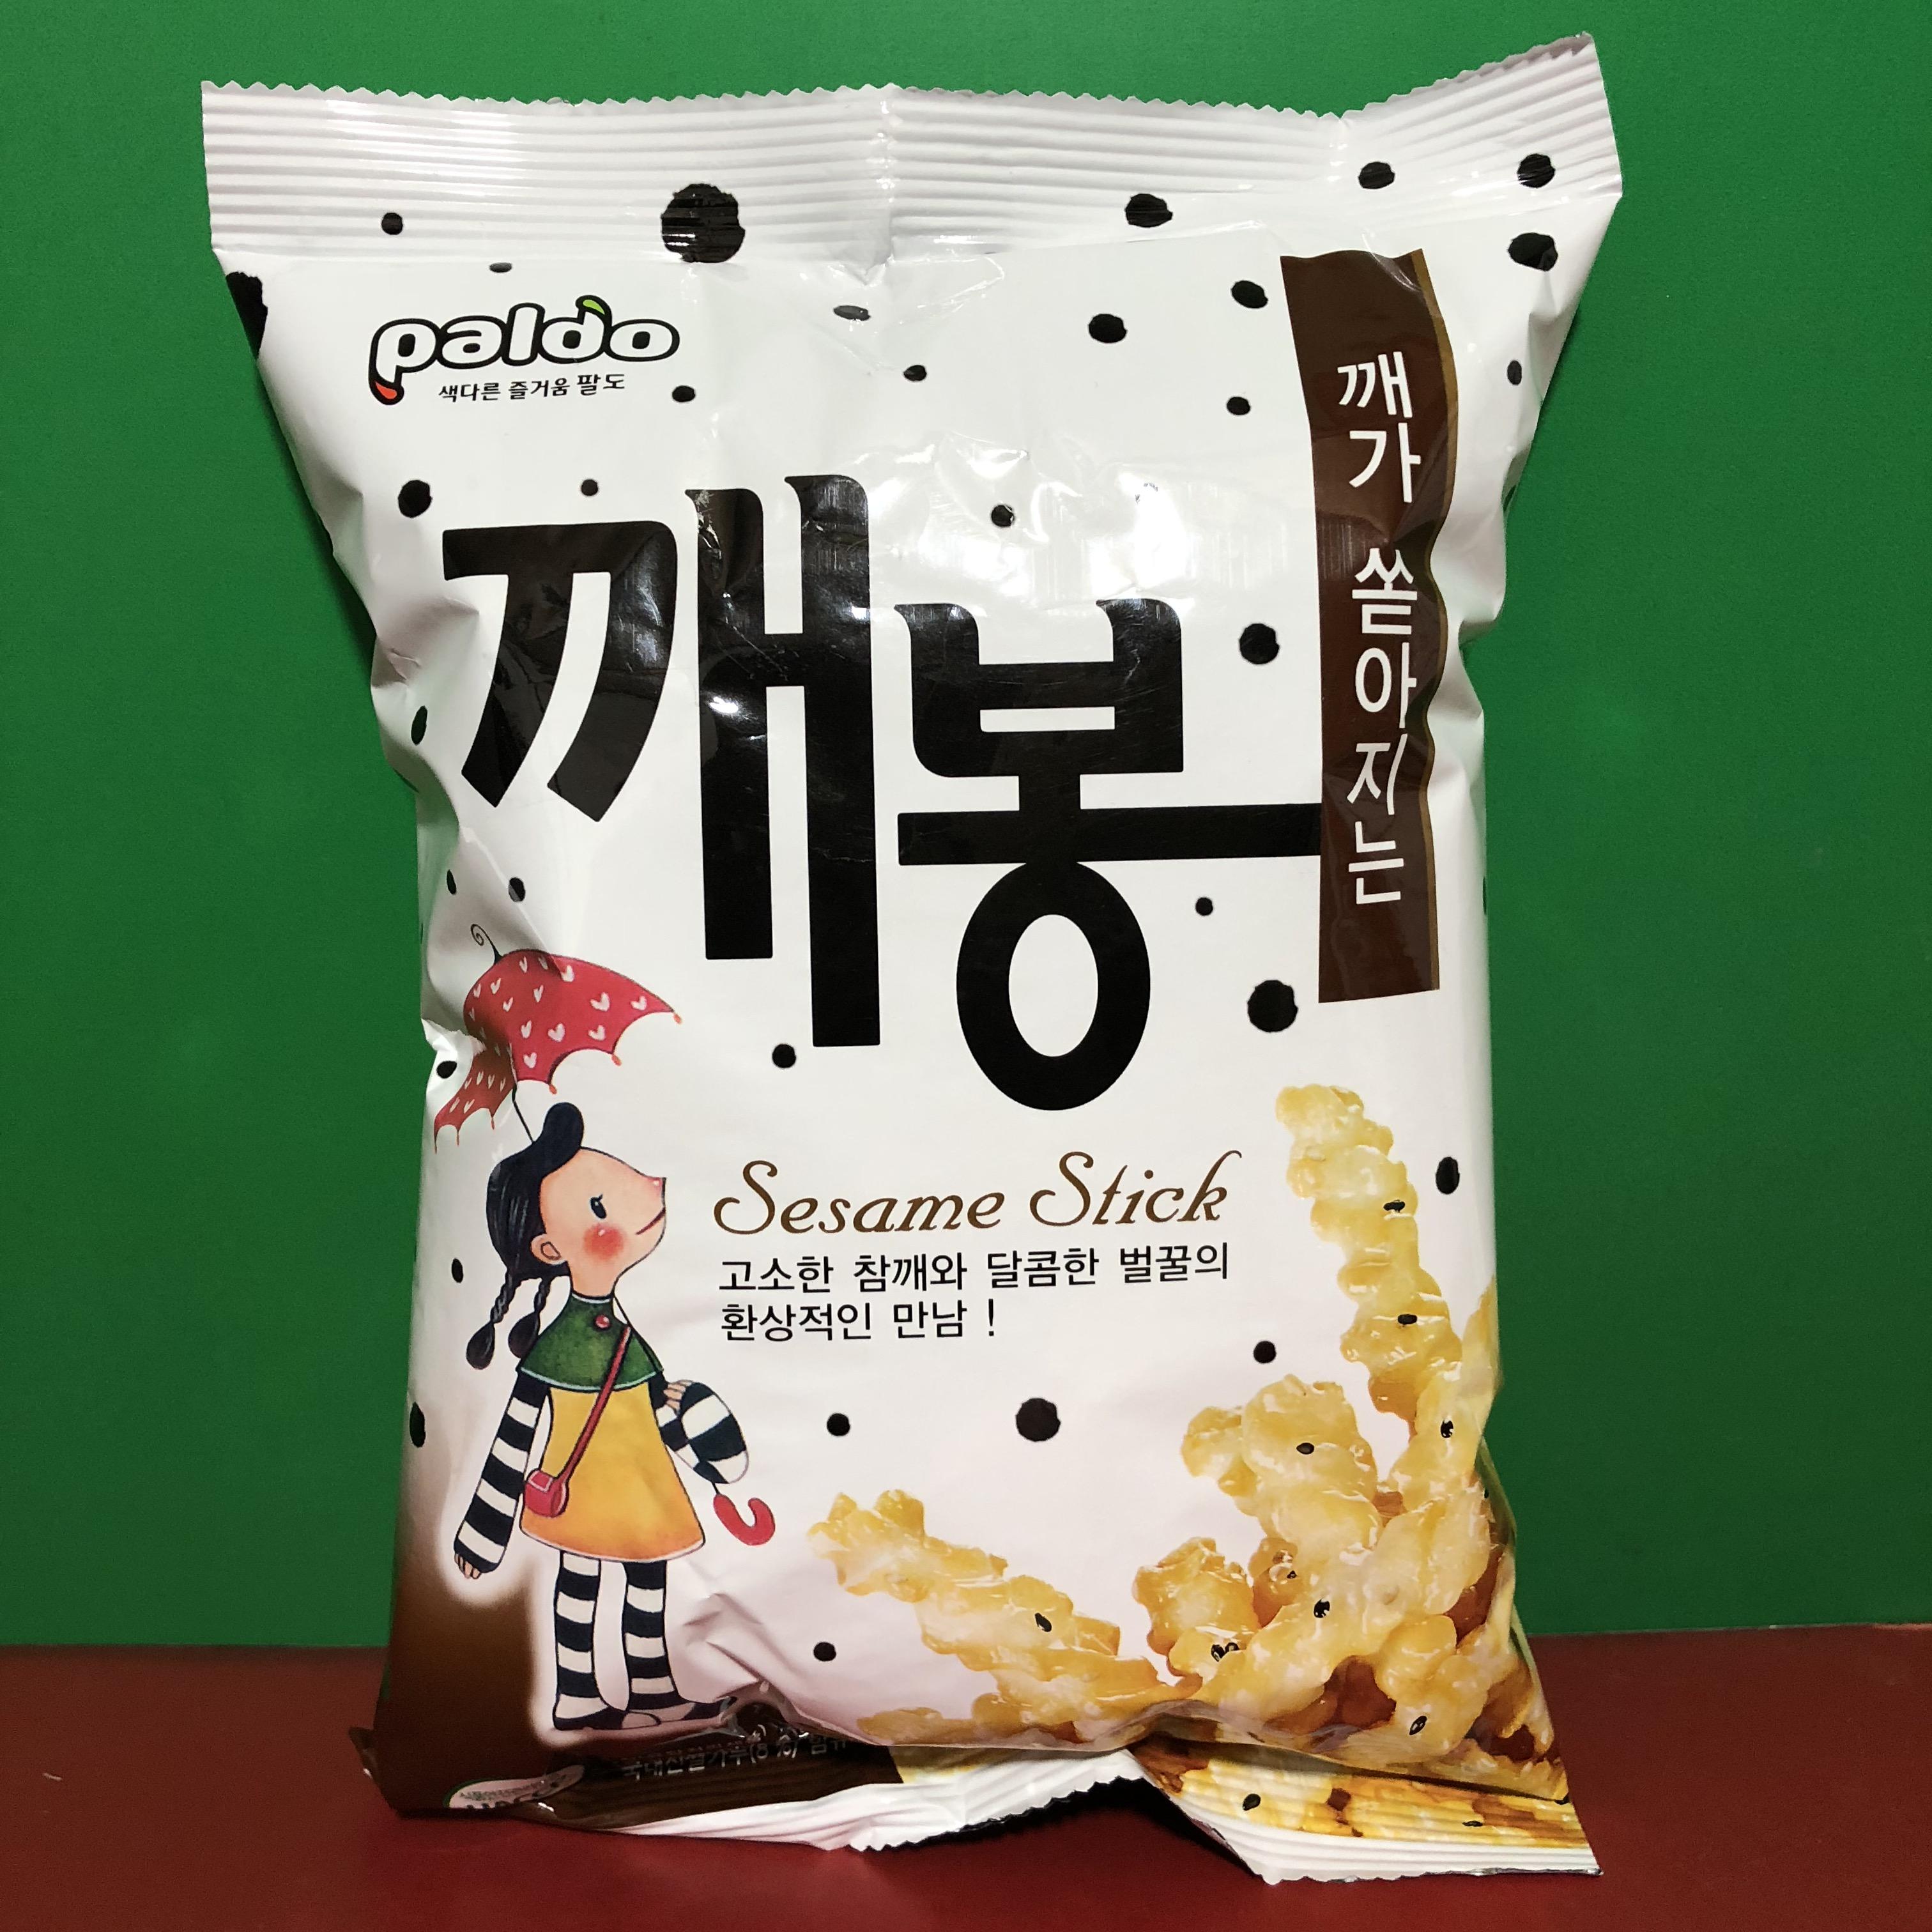 韩国原装进口 Paldo 葩朵芝麻蜂蜜条/豆腐脆片70g膨化食品 临期价